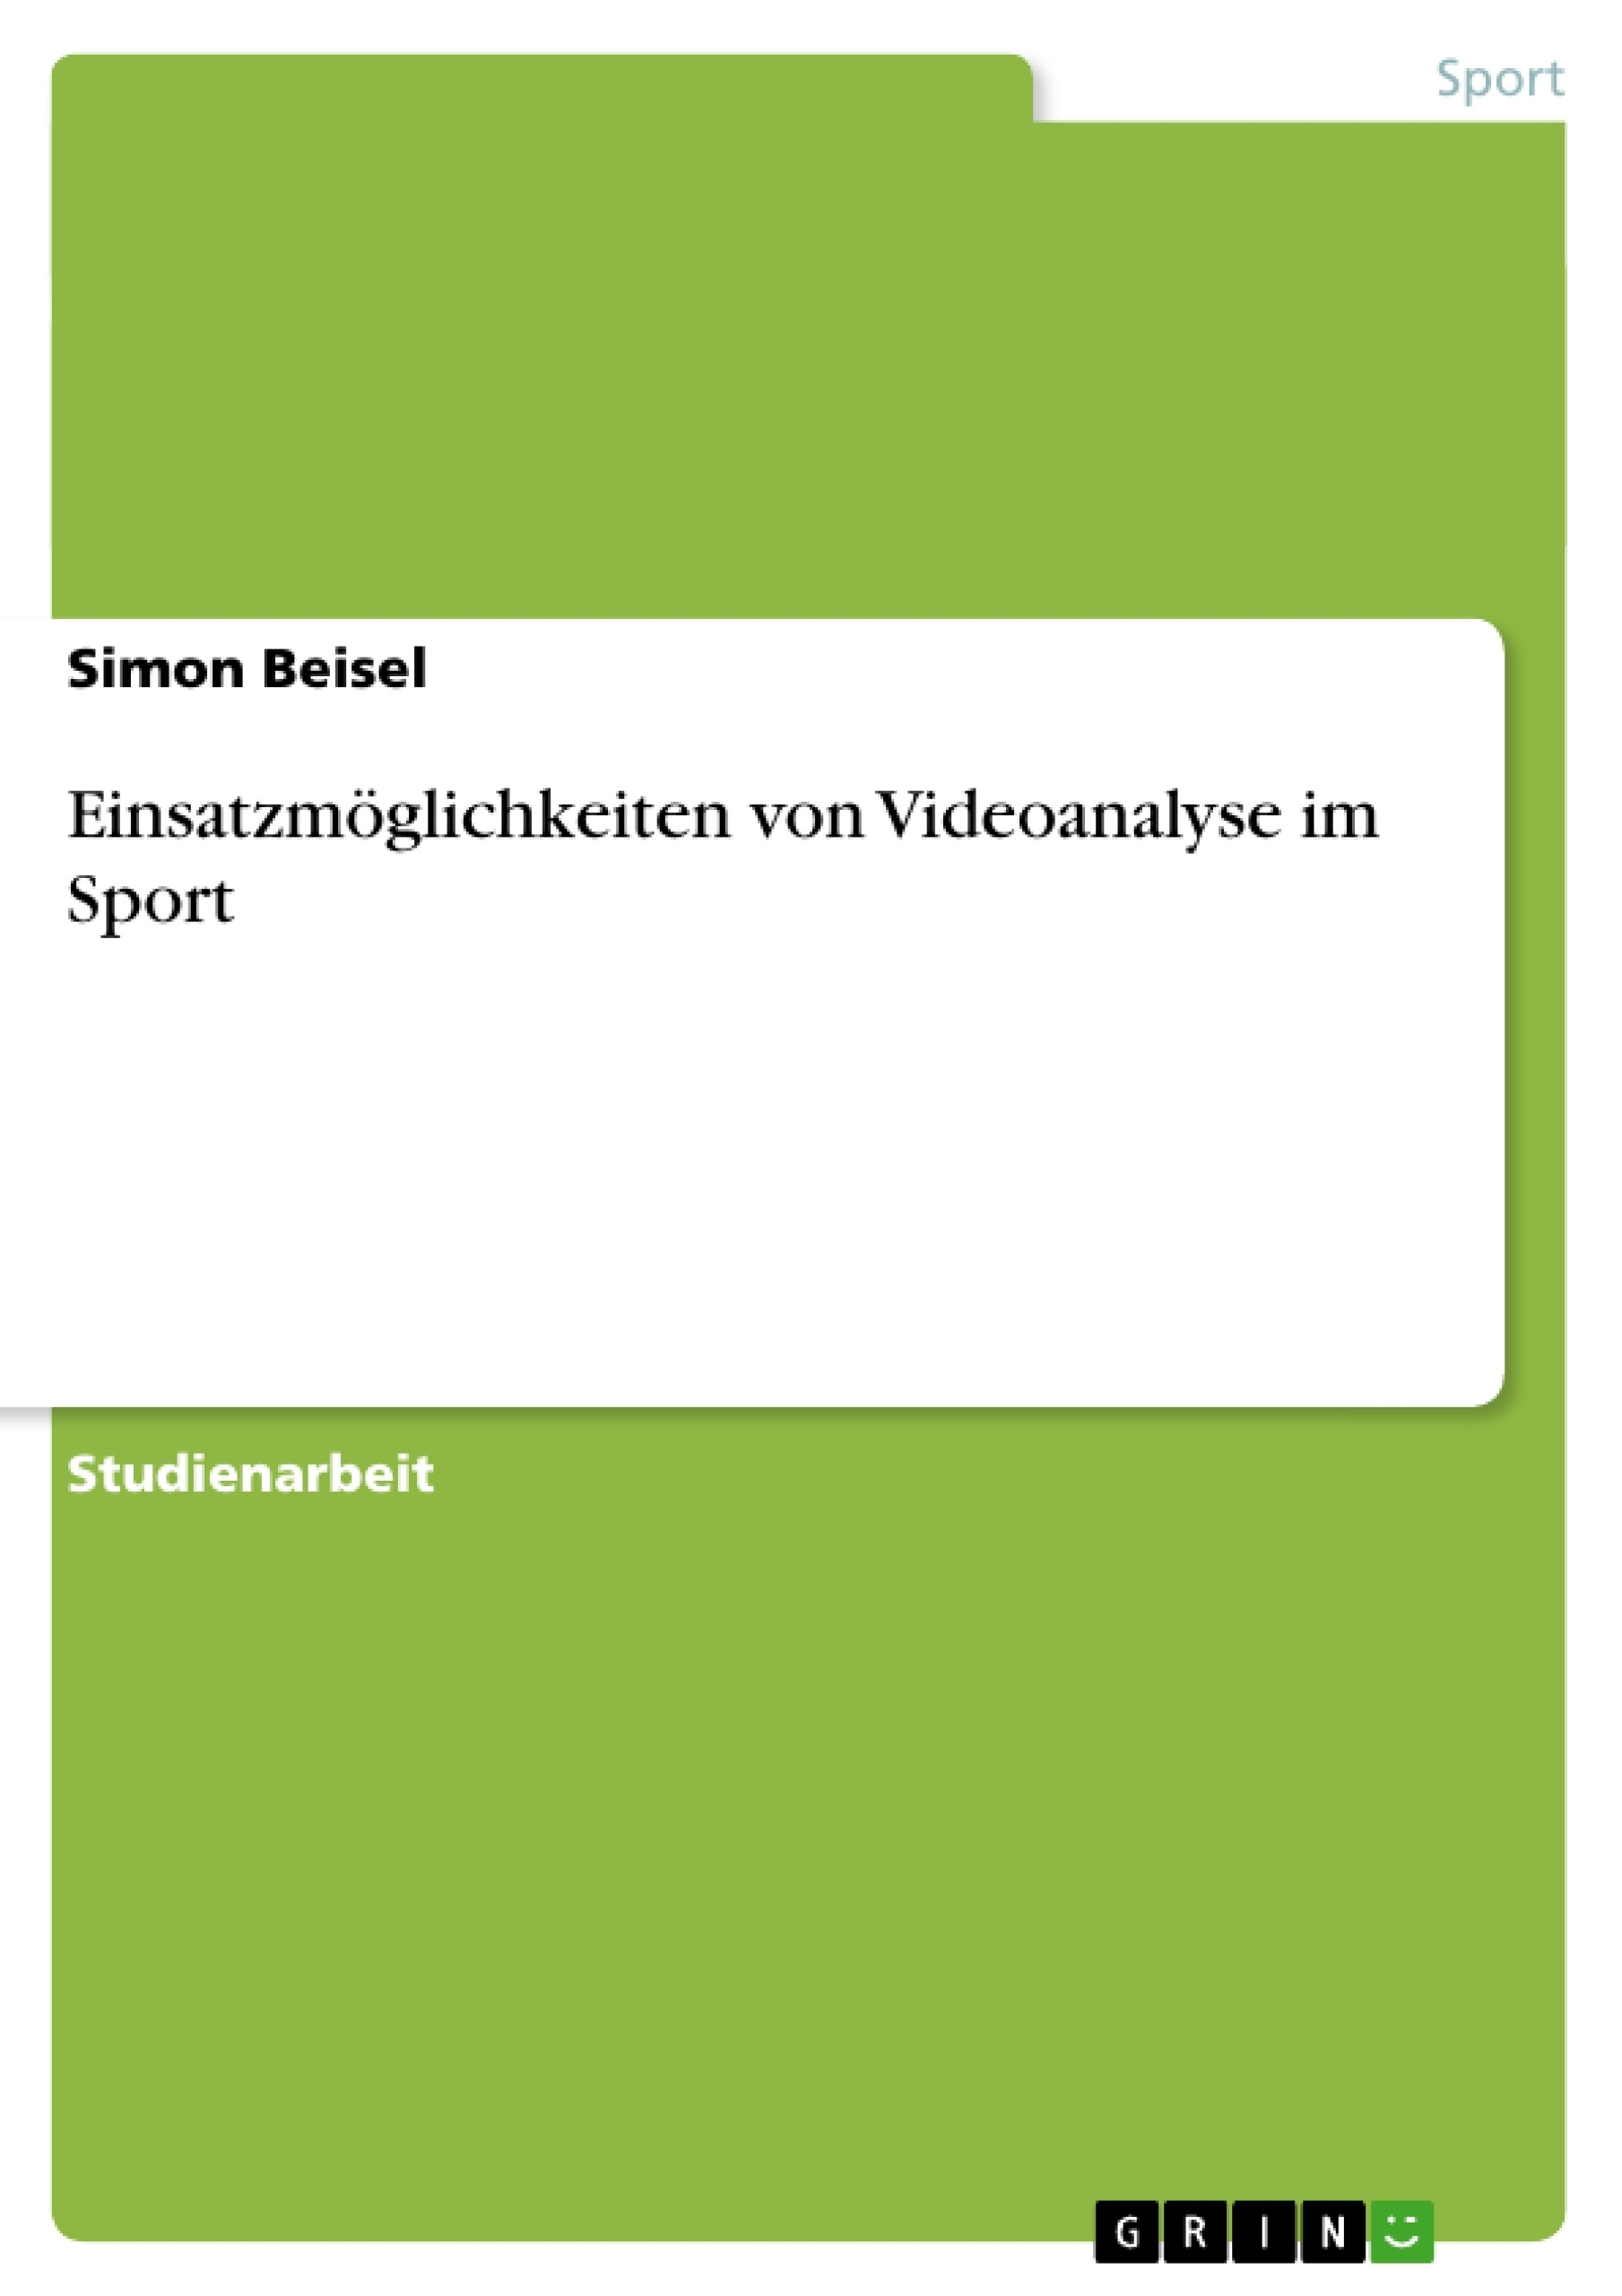 Titel: Einsatzmöglichkeiten von Videoanalyse im Sport